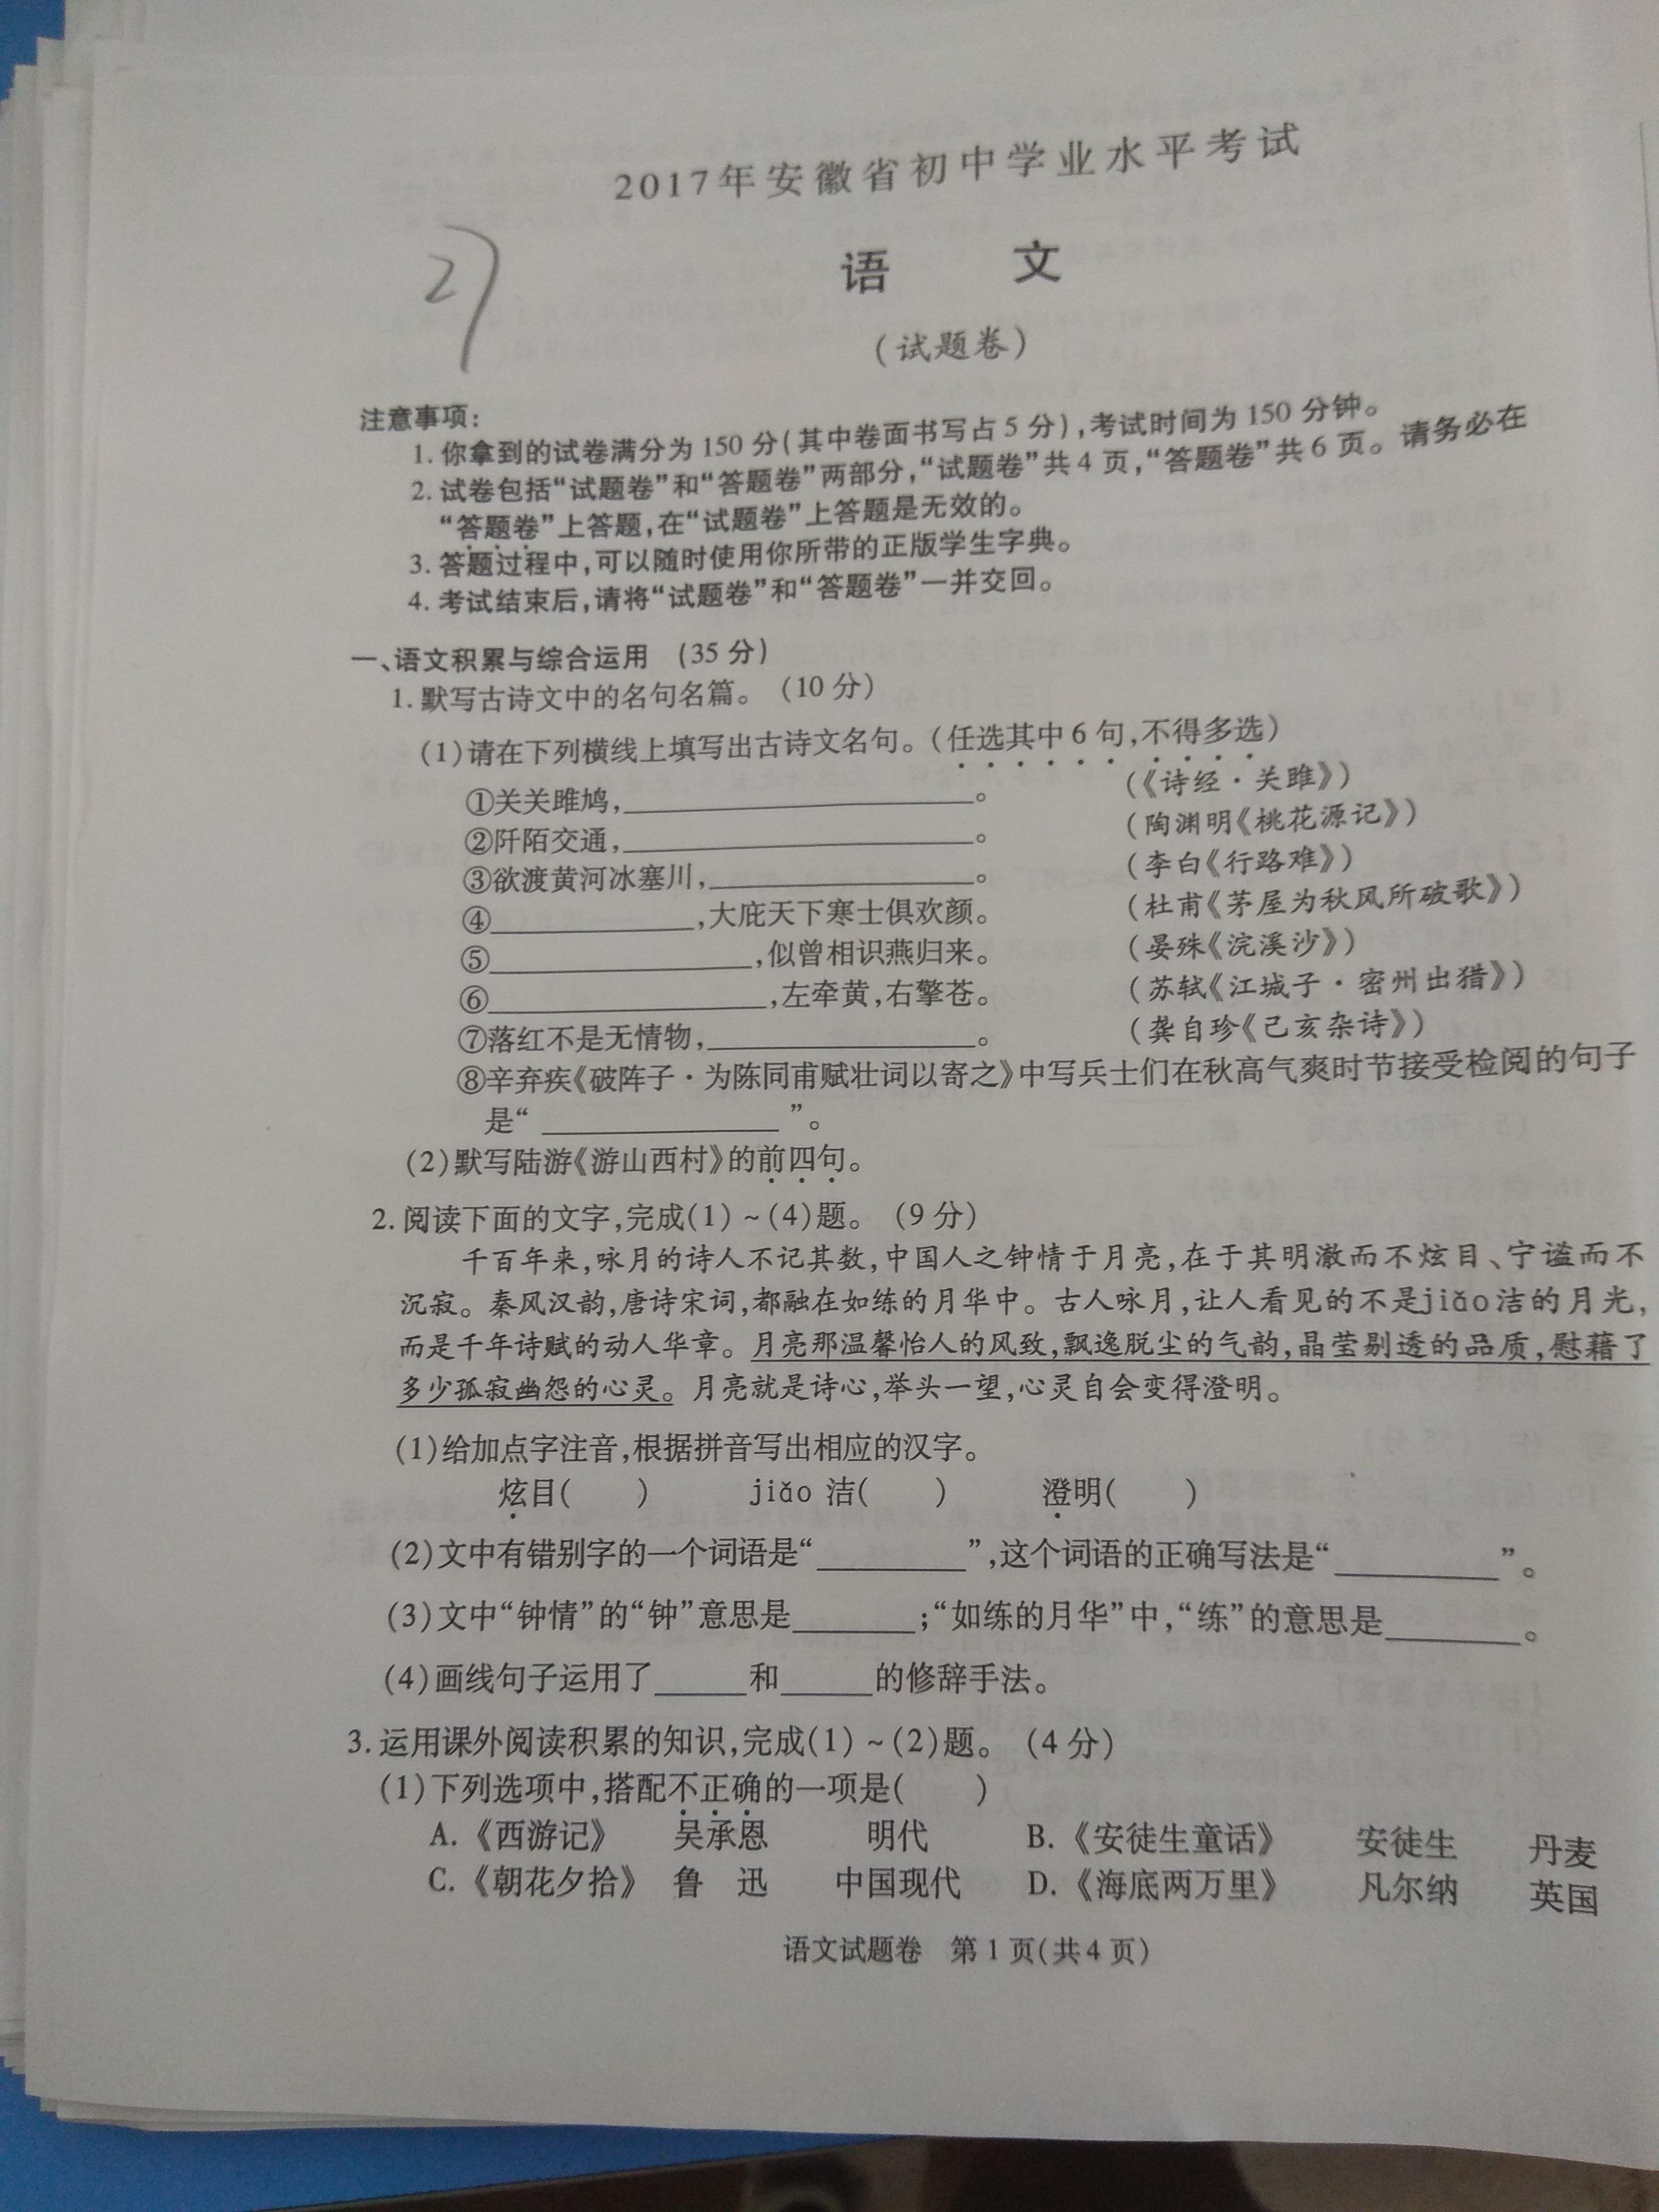 2017安徽中考语文试题及答案解析(图片版)